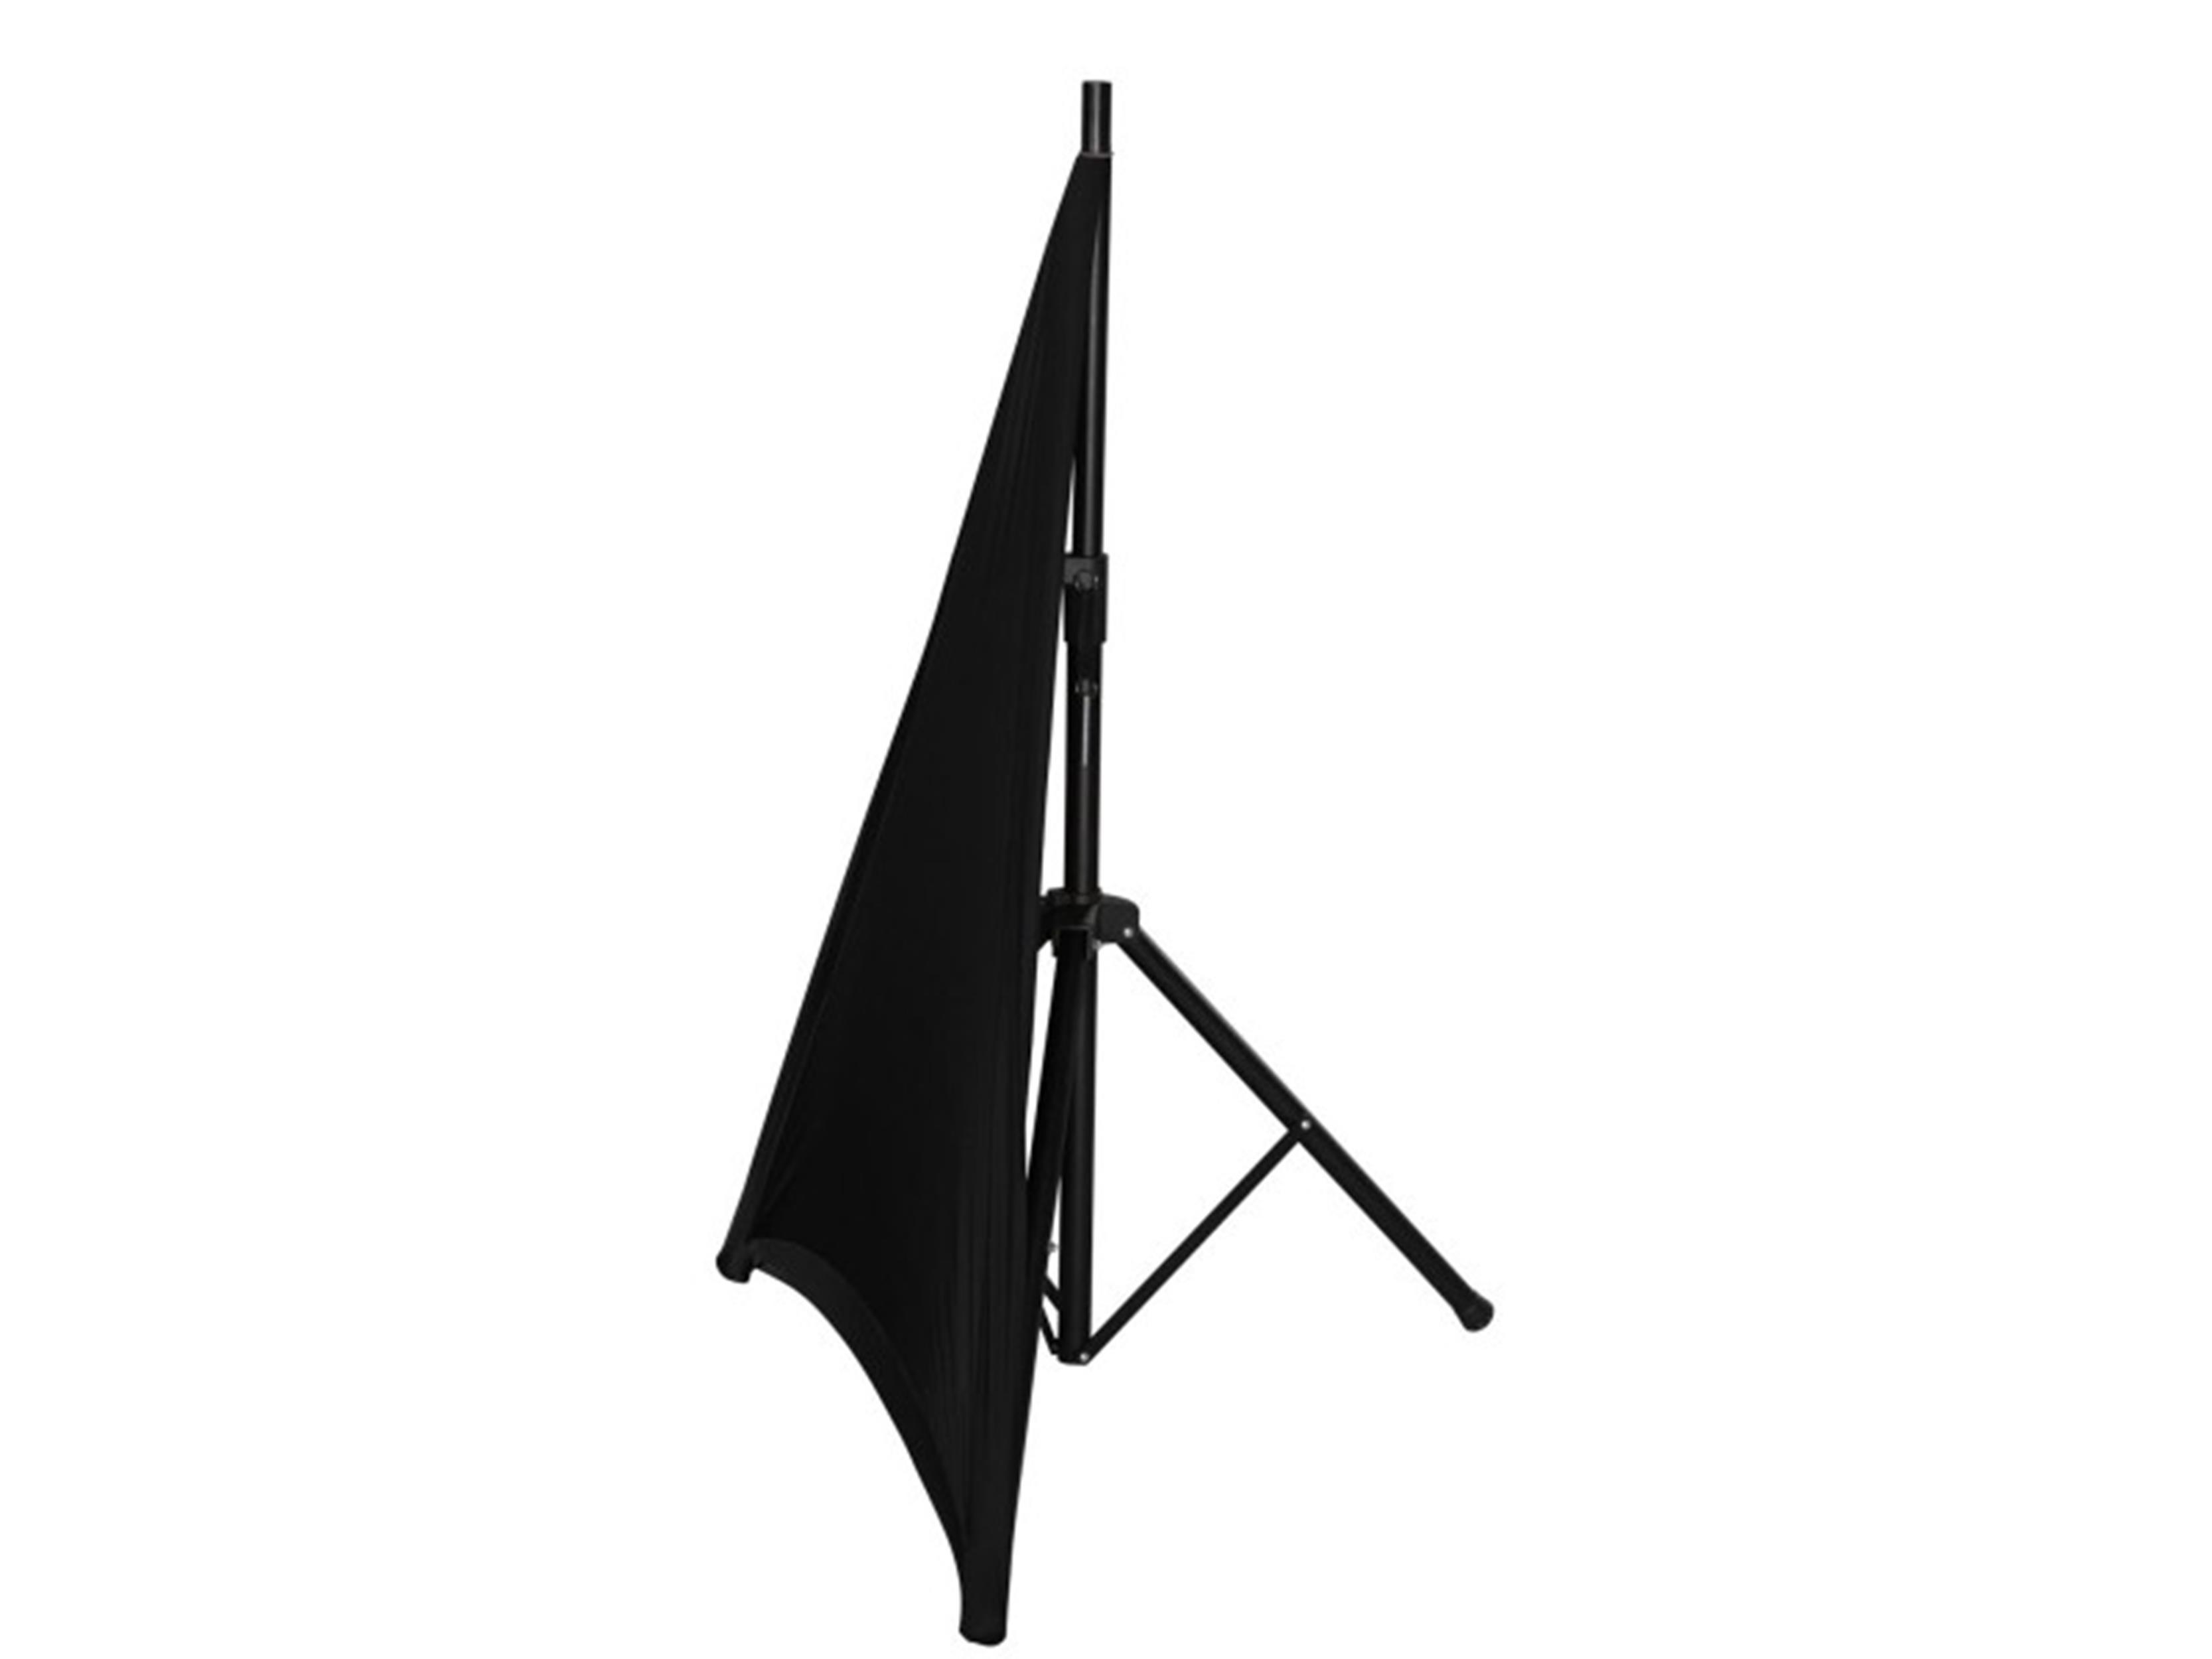 Gator-Cases-GPA-STAND-2-B-cover-per-stand-diffusori-sku-2759753001006